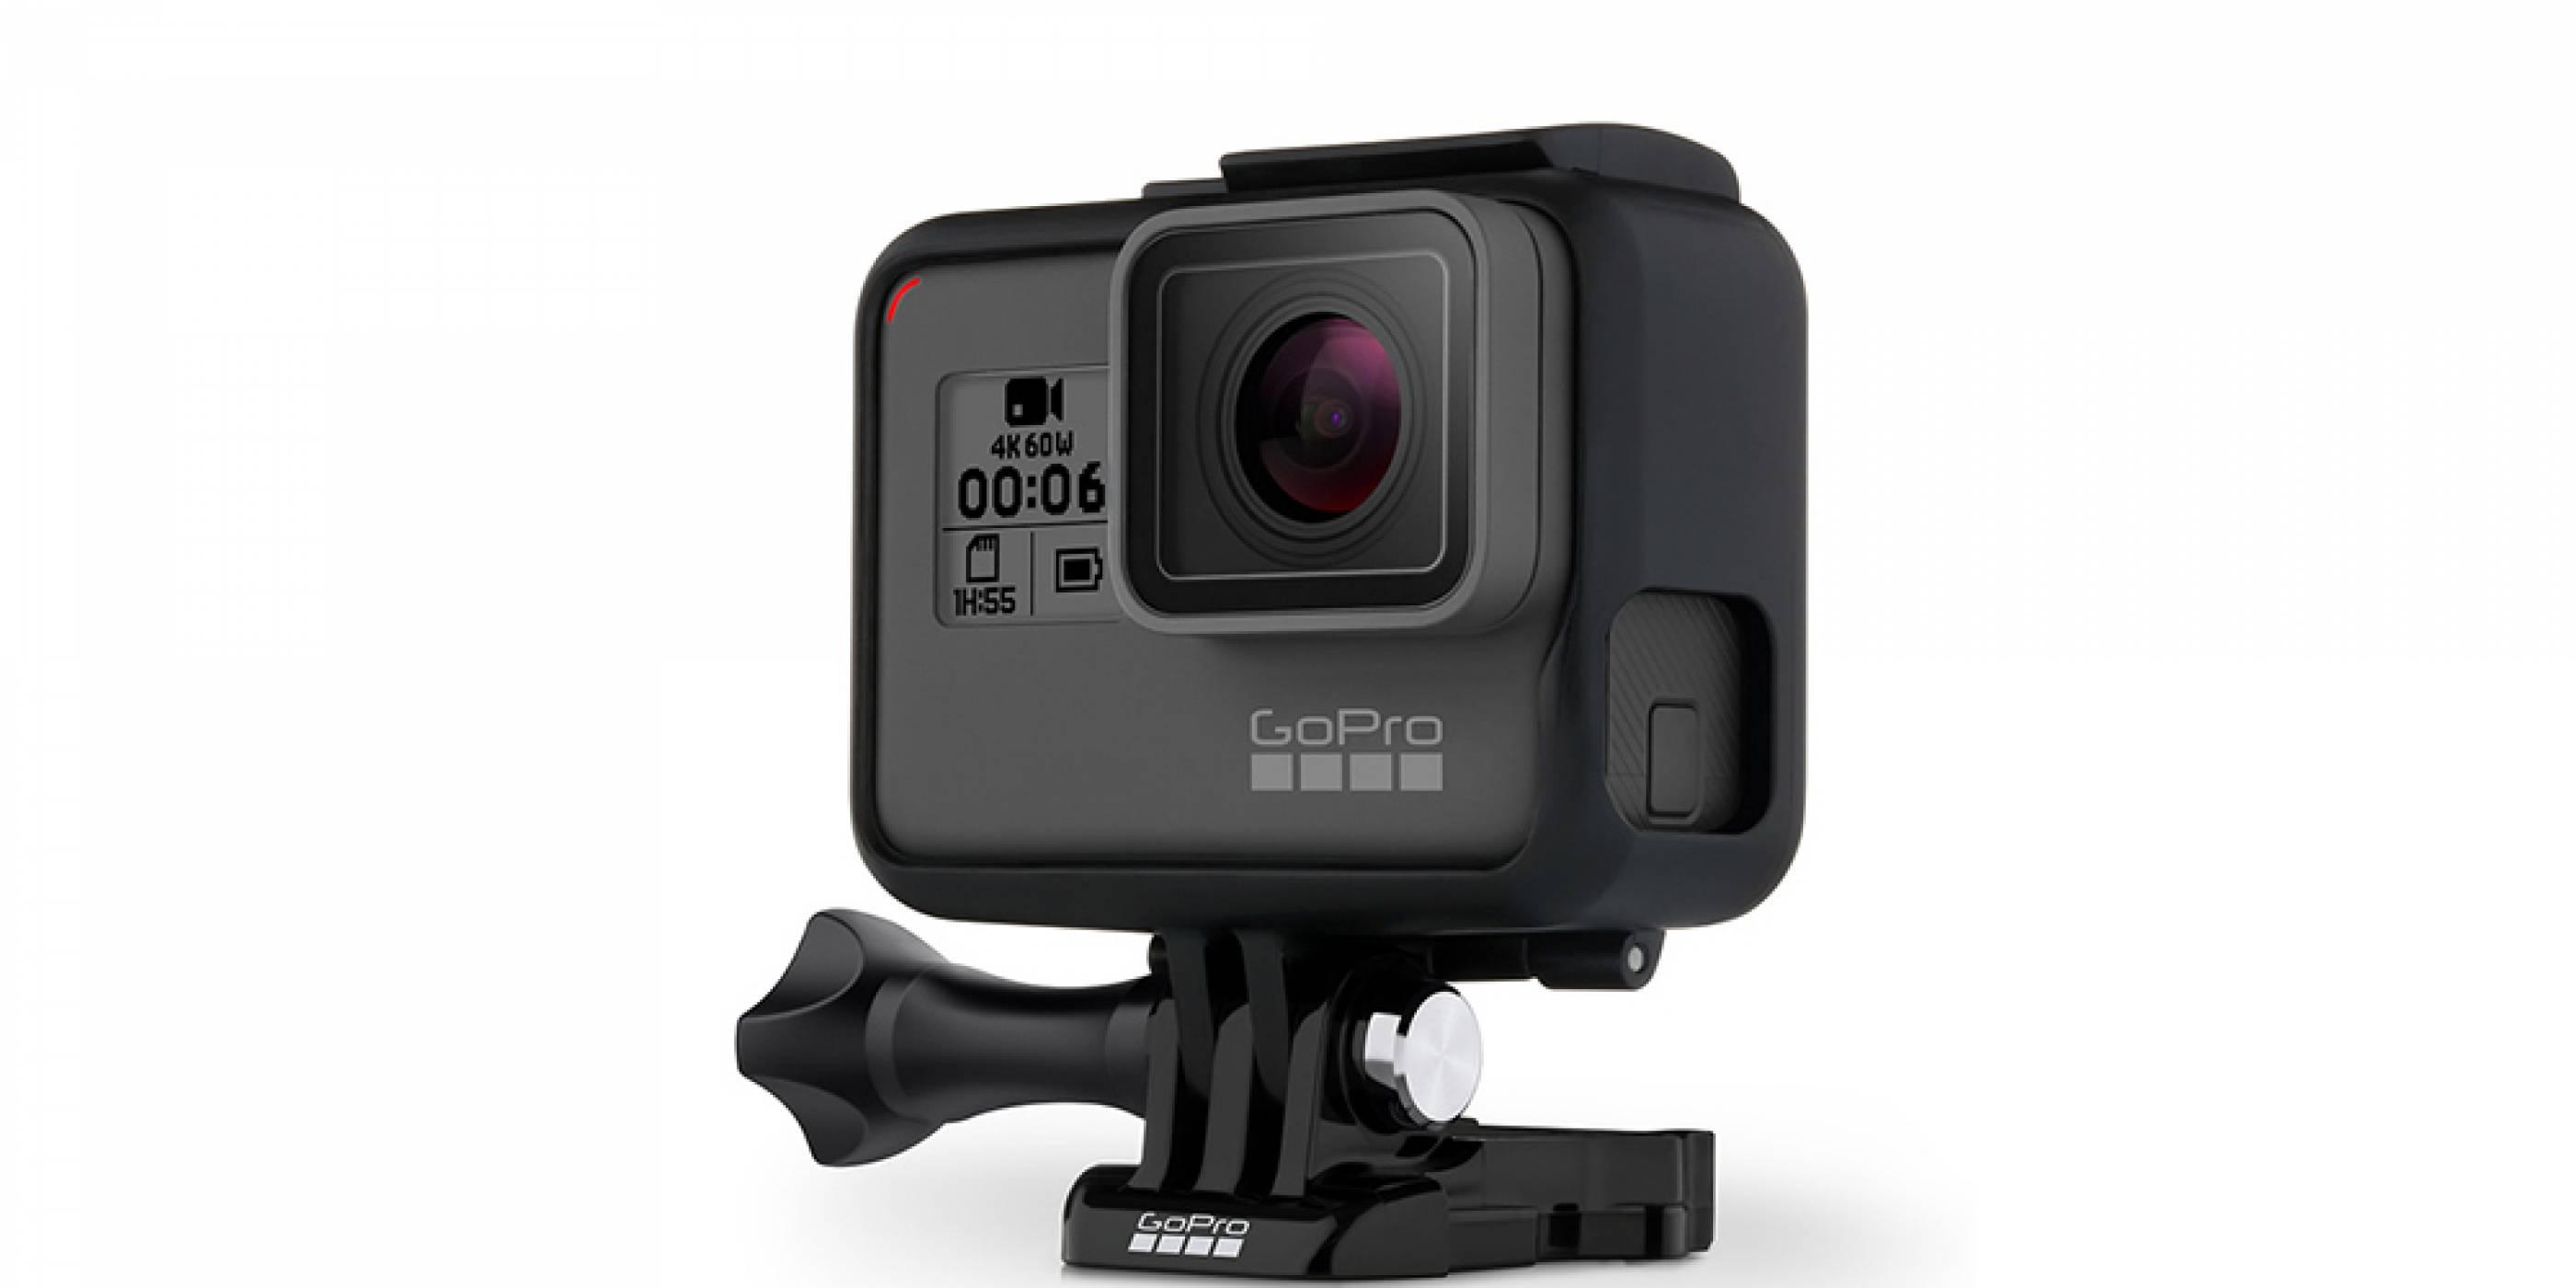 GoPro Hero 6 Black е тук с възможност за запис на 4K видео с 60 кадъра в секунда